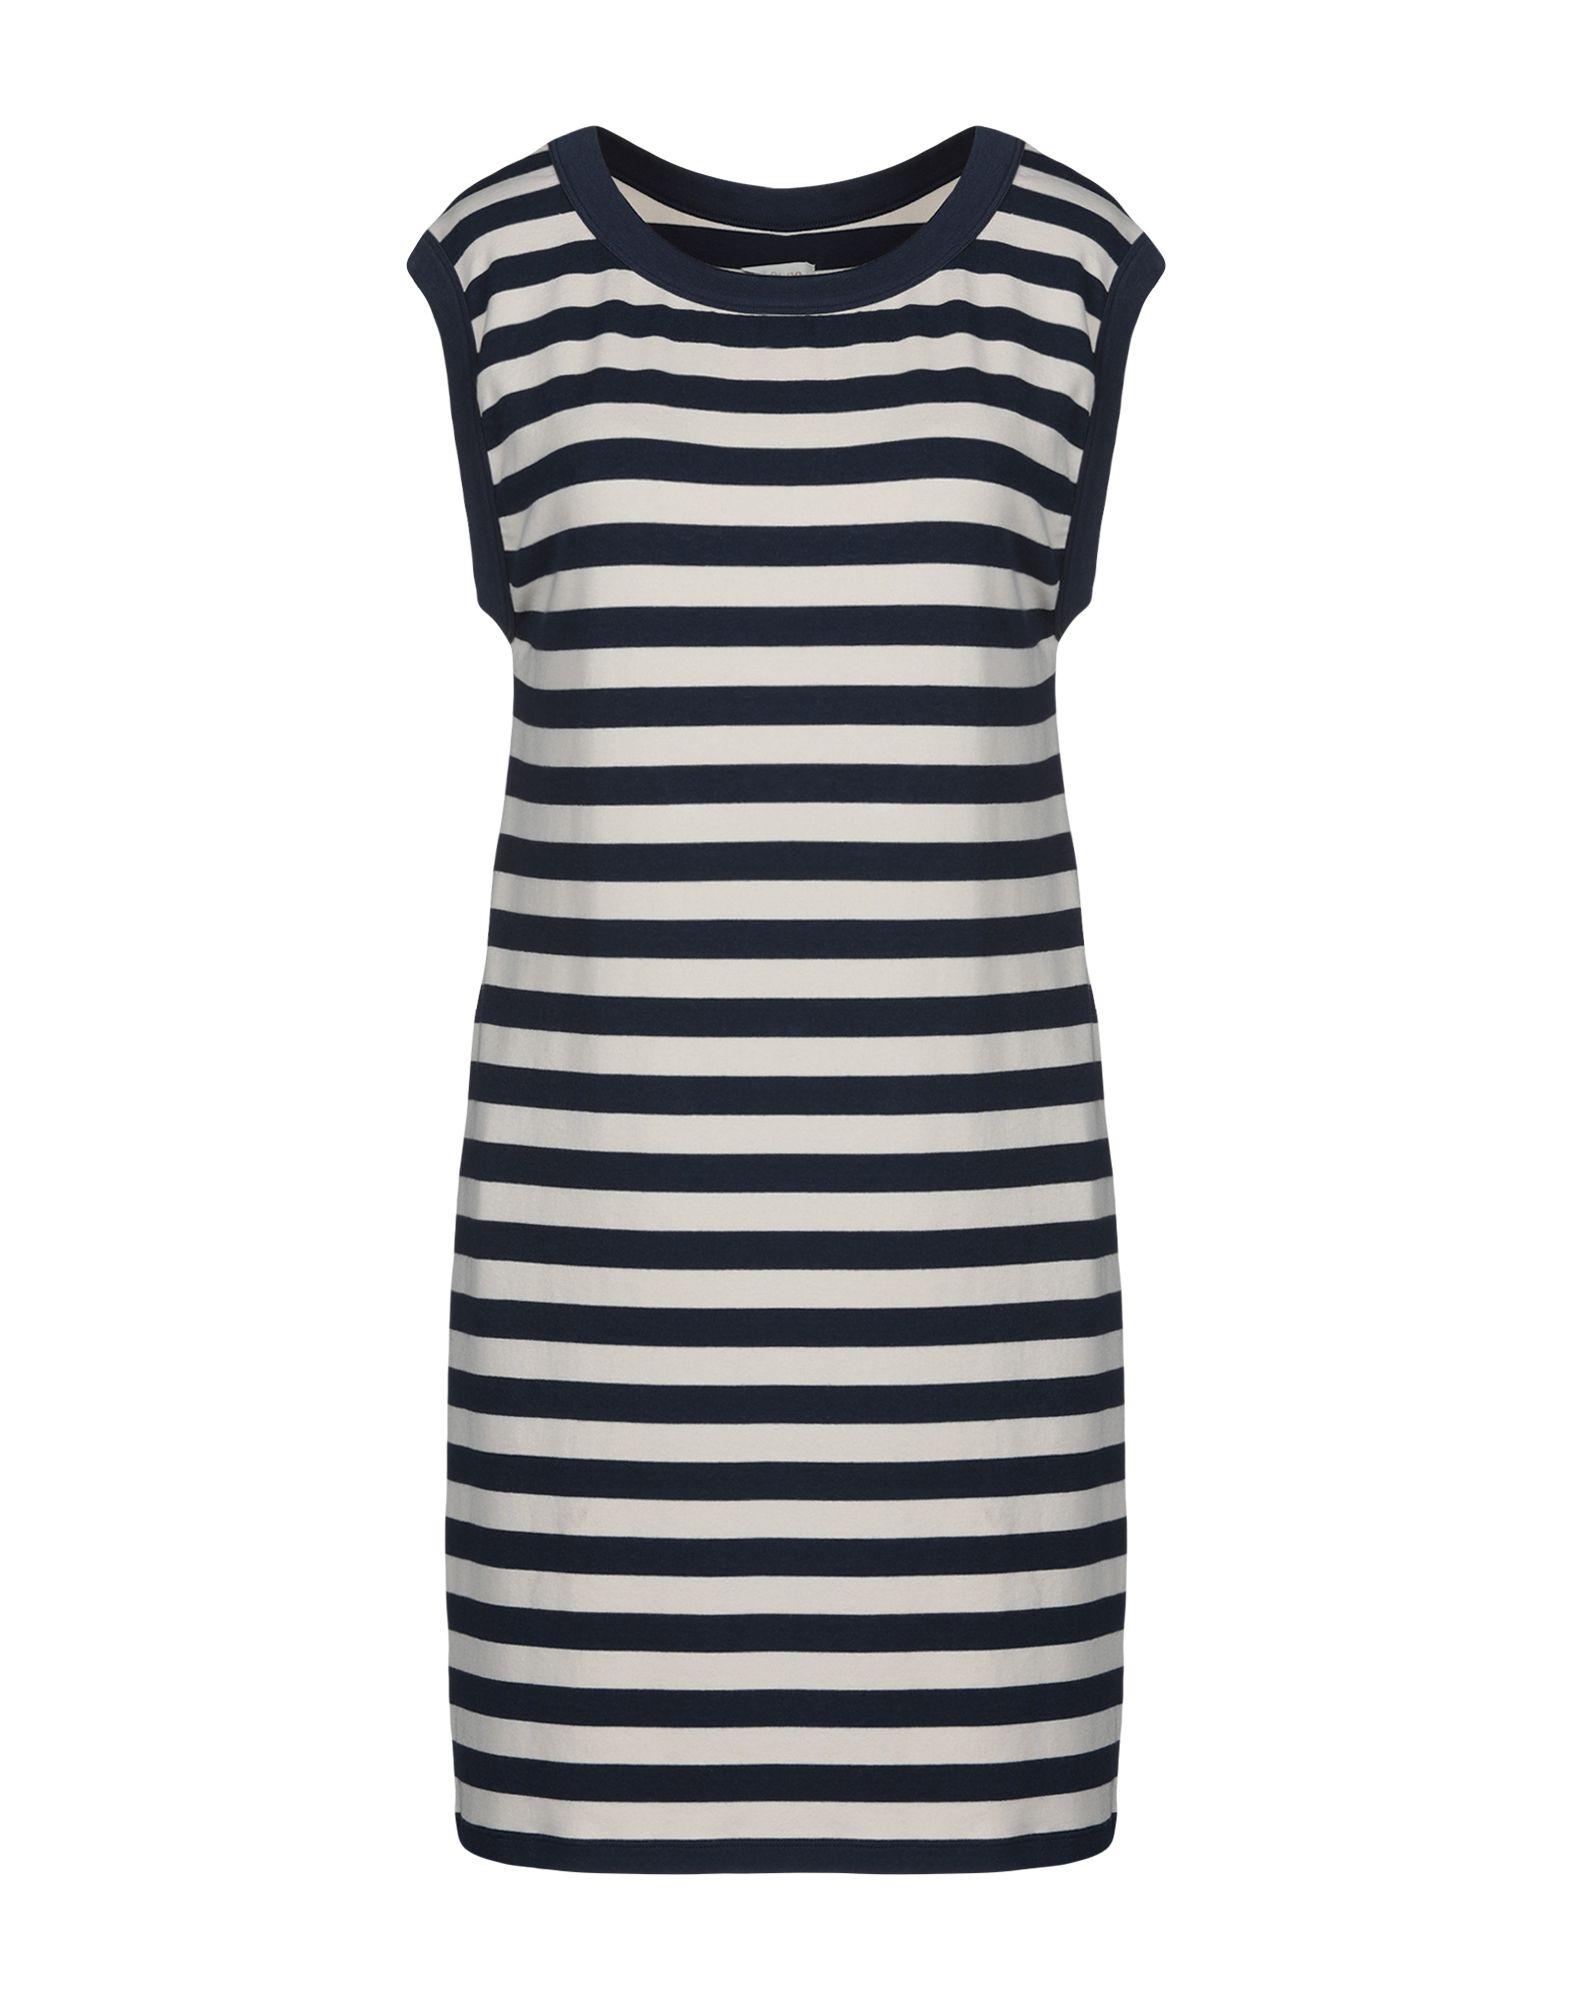 AT.P.CO Короткое платье летом 2015 новый суд европы печати тонкая талия ретро платье без рукавов жилет юбка в конце детей